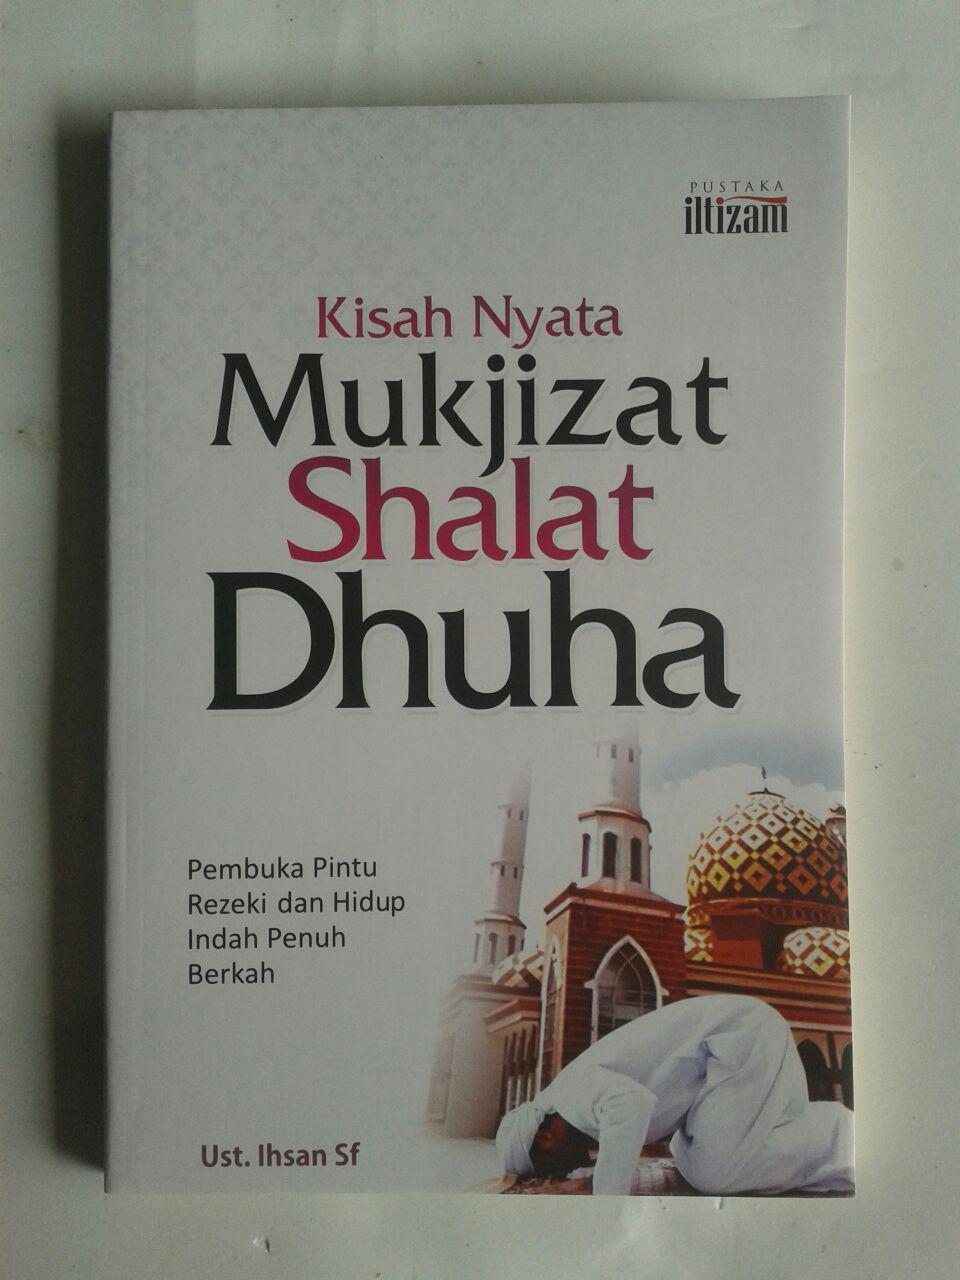 Buku Kisah Nyata Mukjizat Shalat Dhuha Pembuka Pintu Rezeki cover 2